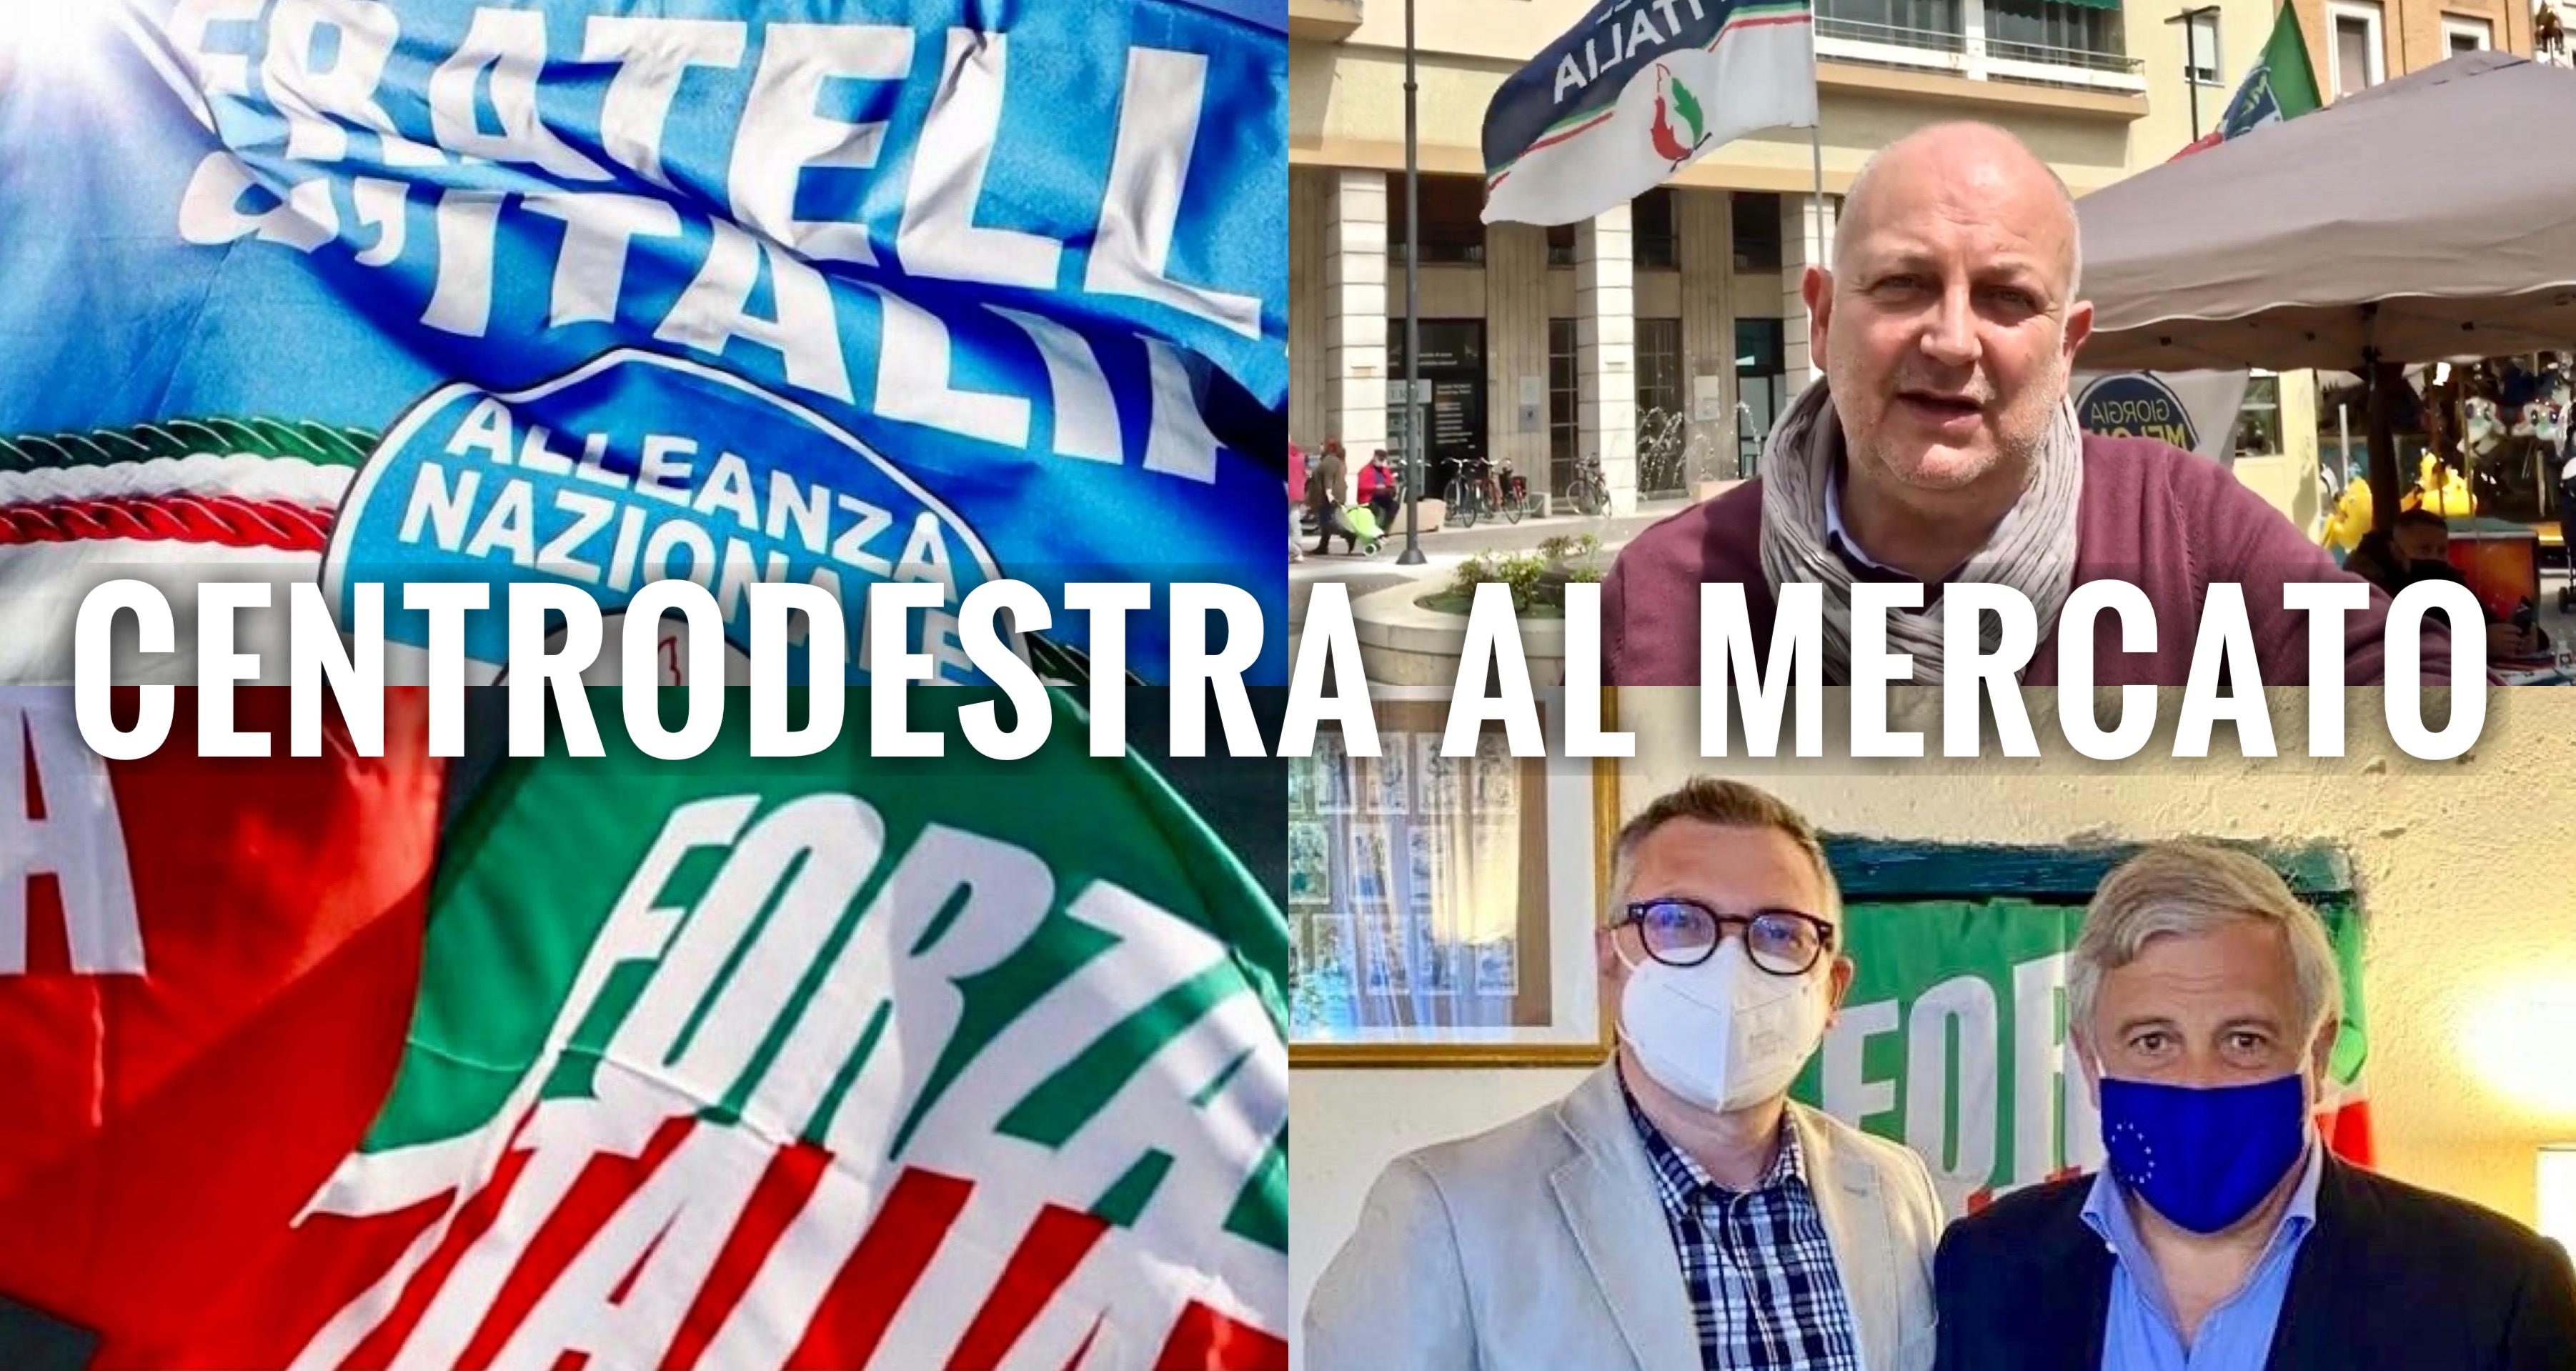 LEGNAGO. DOPPIO APPUNTAMENTO POLITICO QUESTA MATTINA IN PIAZZA GARIBALDI CON FRATELLI D'ITALIA E FORZA ITALIA.